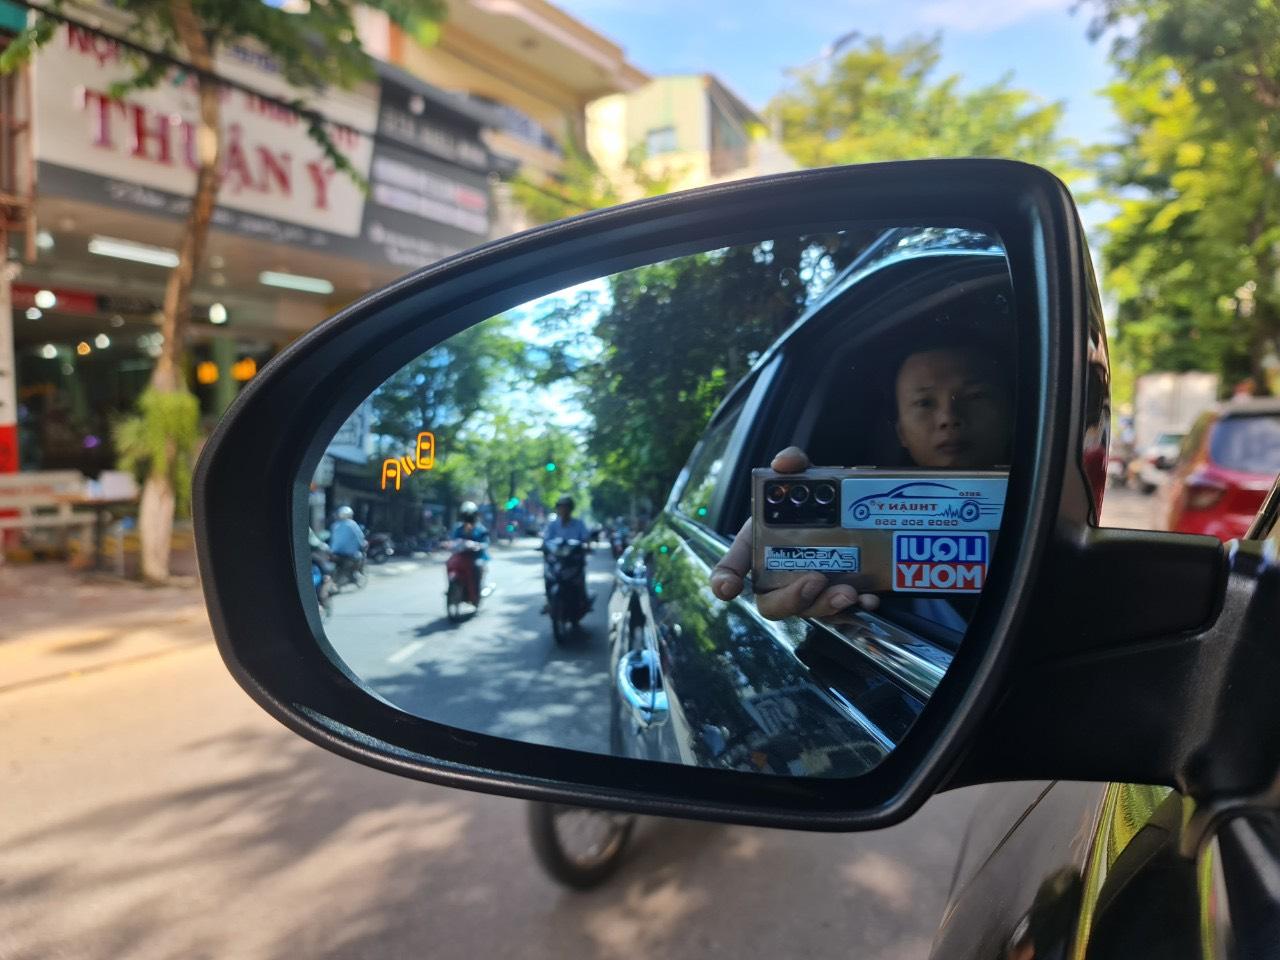 Cánh báo điểm mù tích hợp trên gương